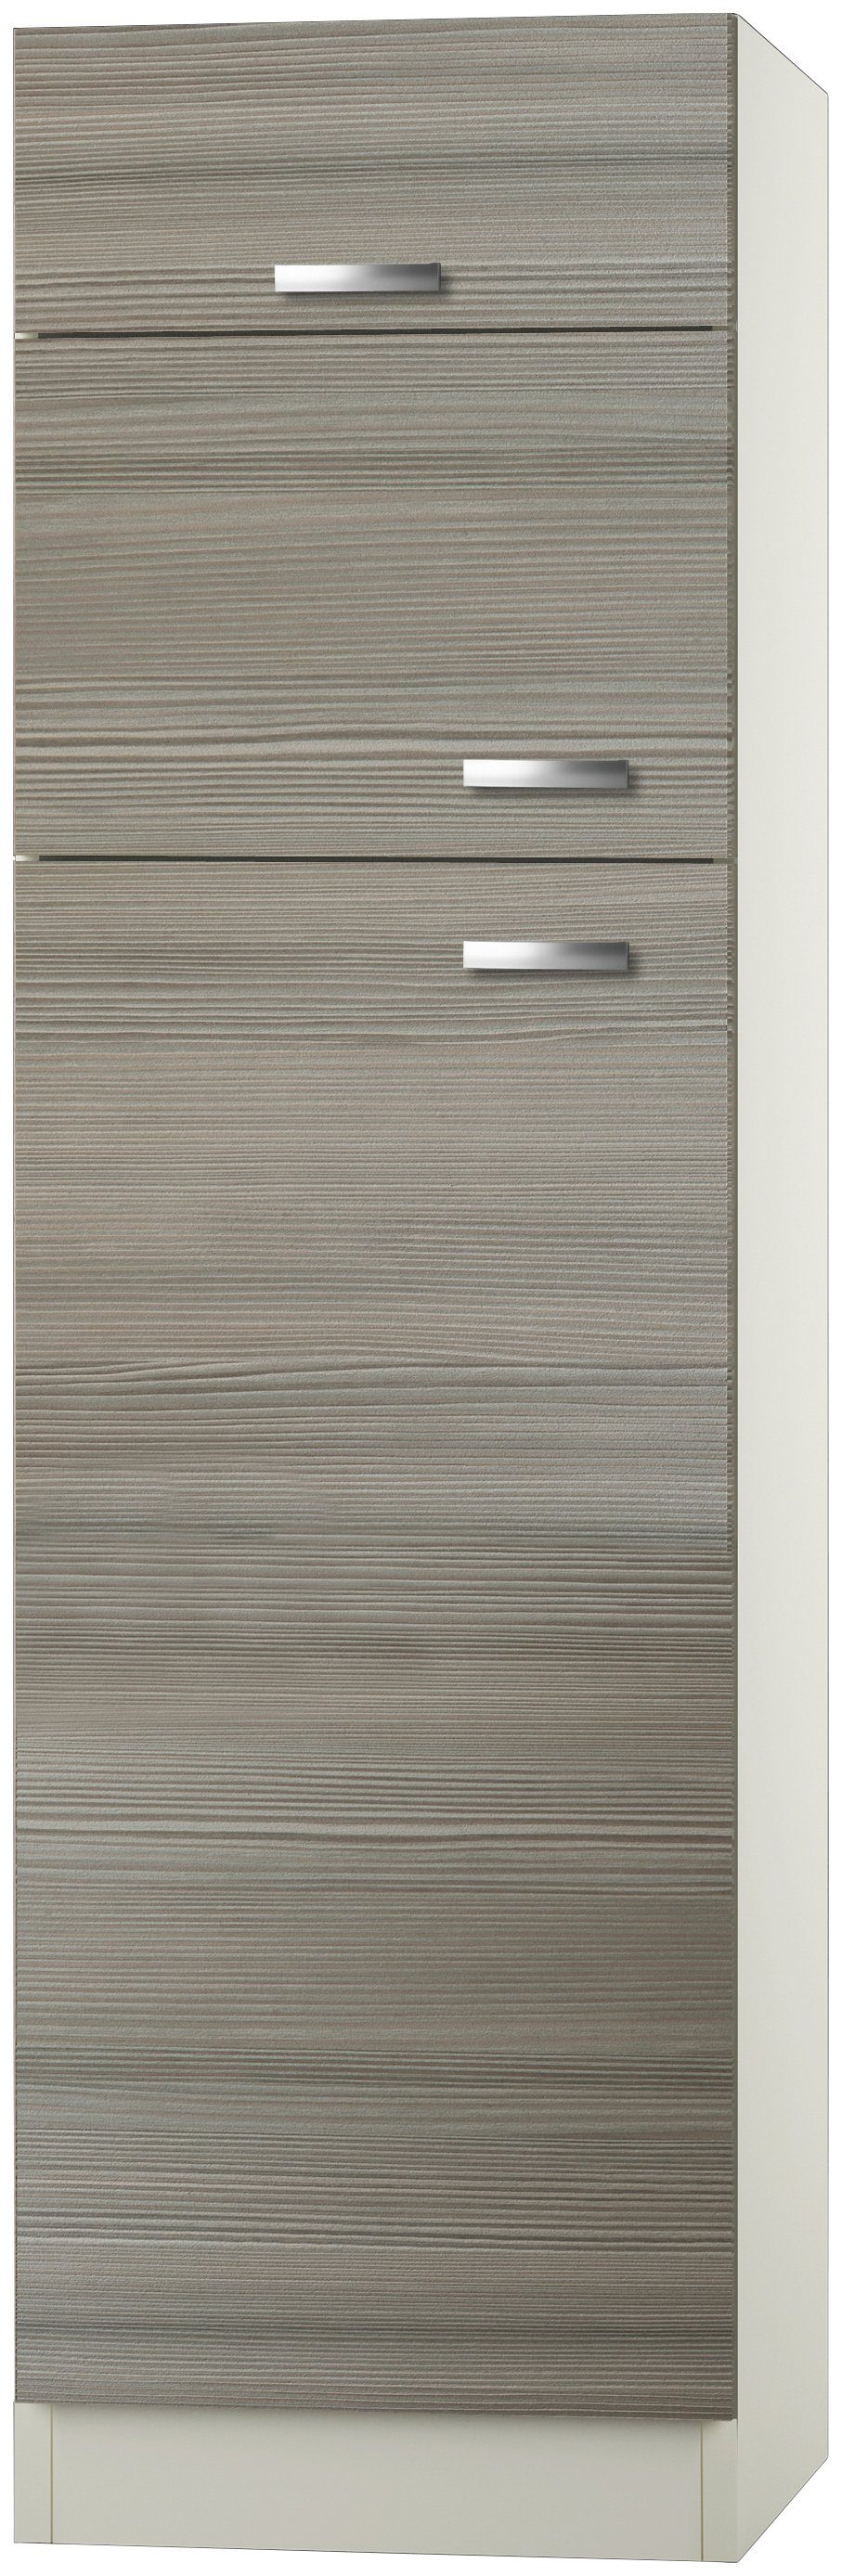 Kühl-Gefrierkombination »Vigo, Höhe 206,8 cm«, Breite 60 cm